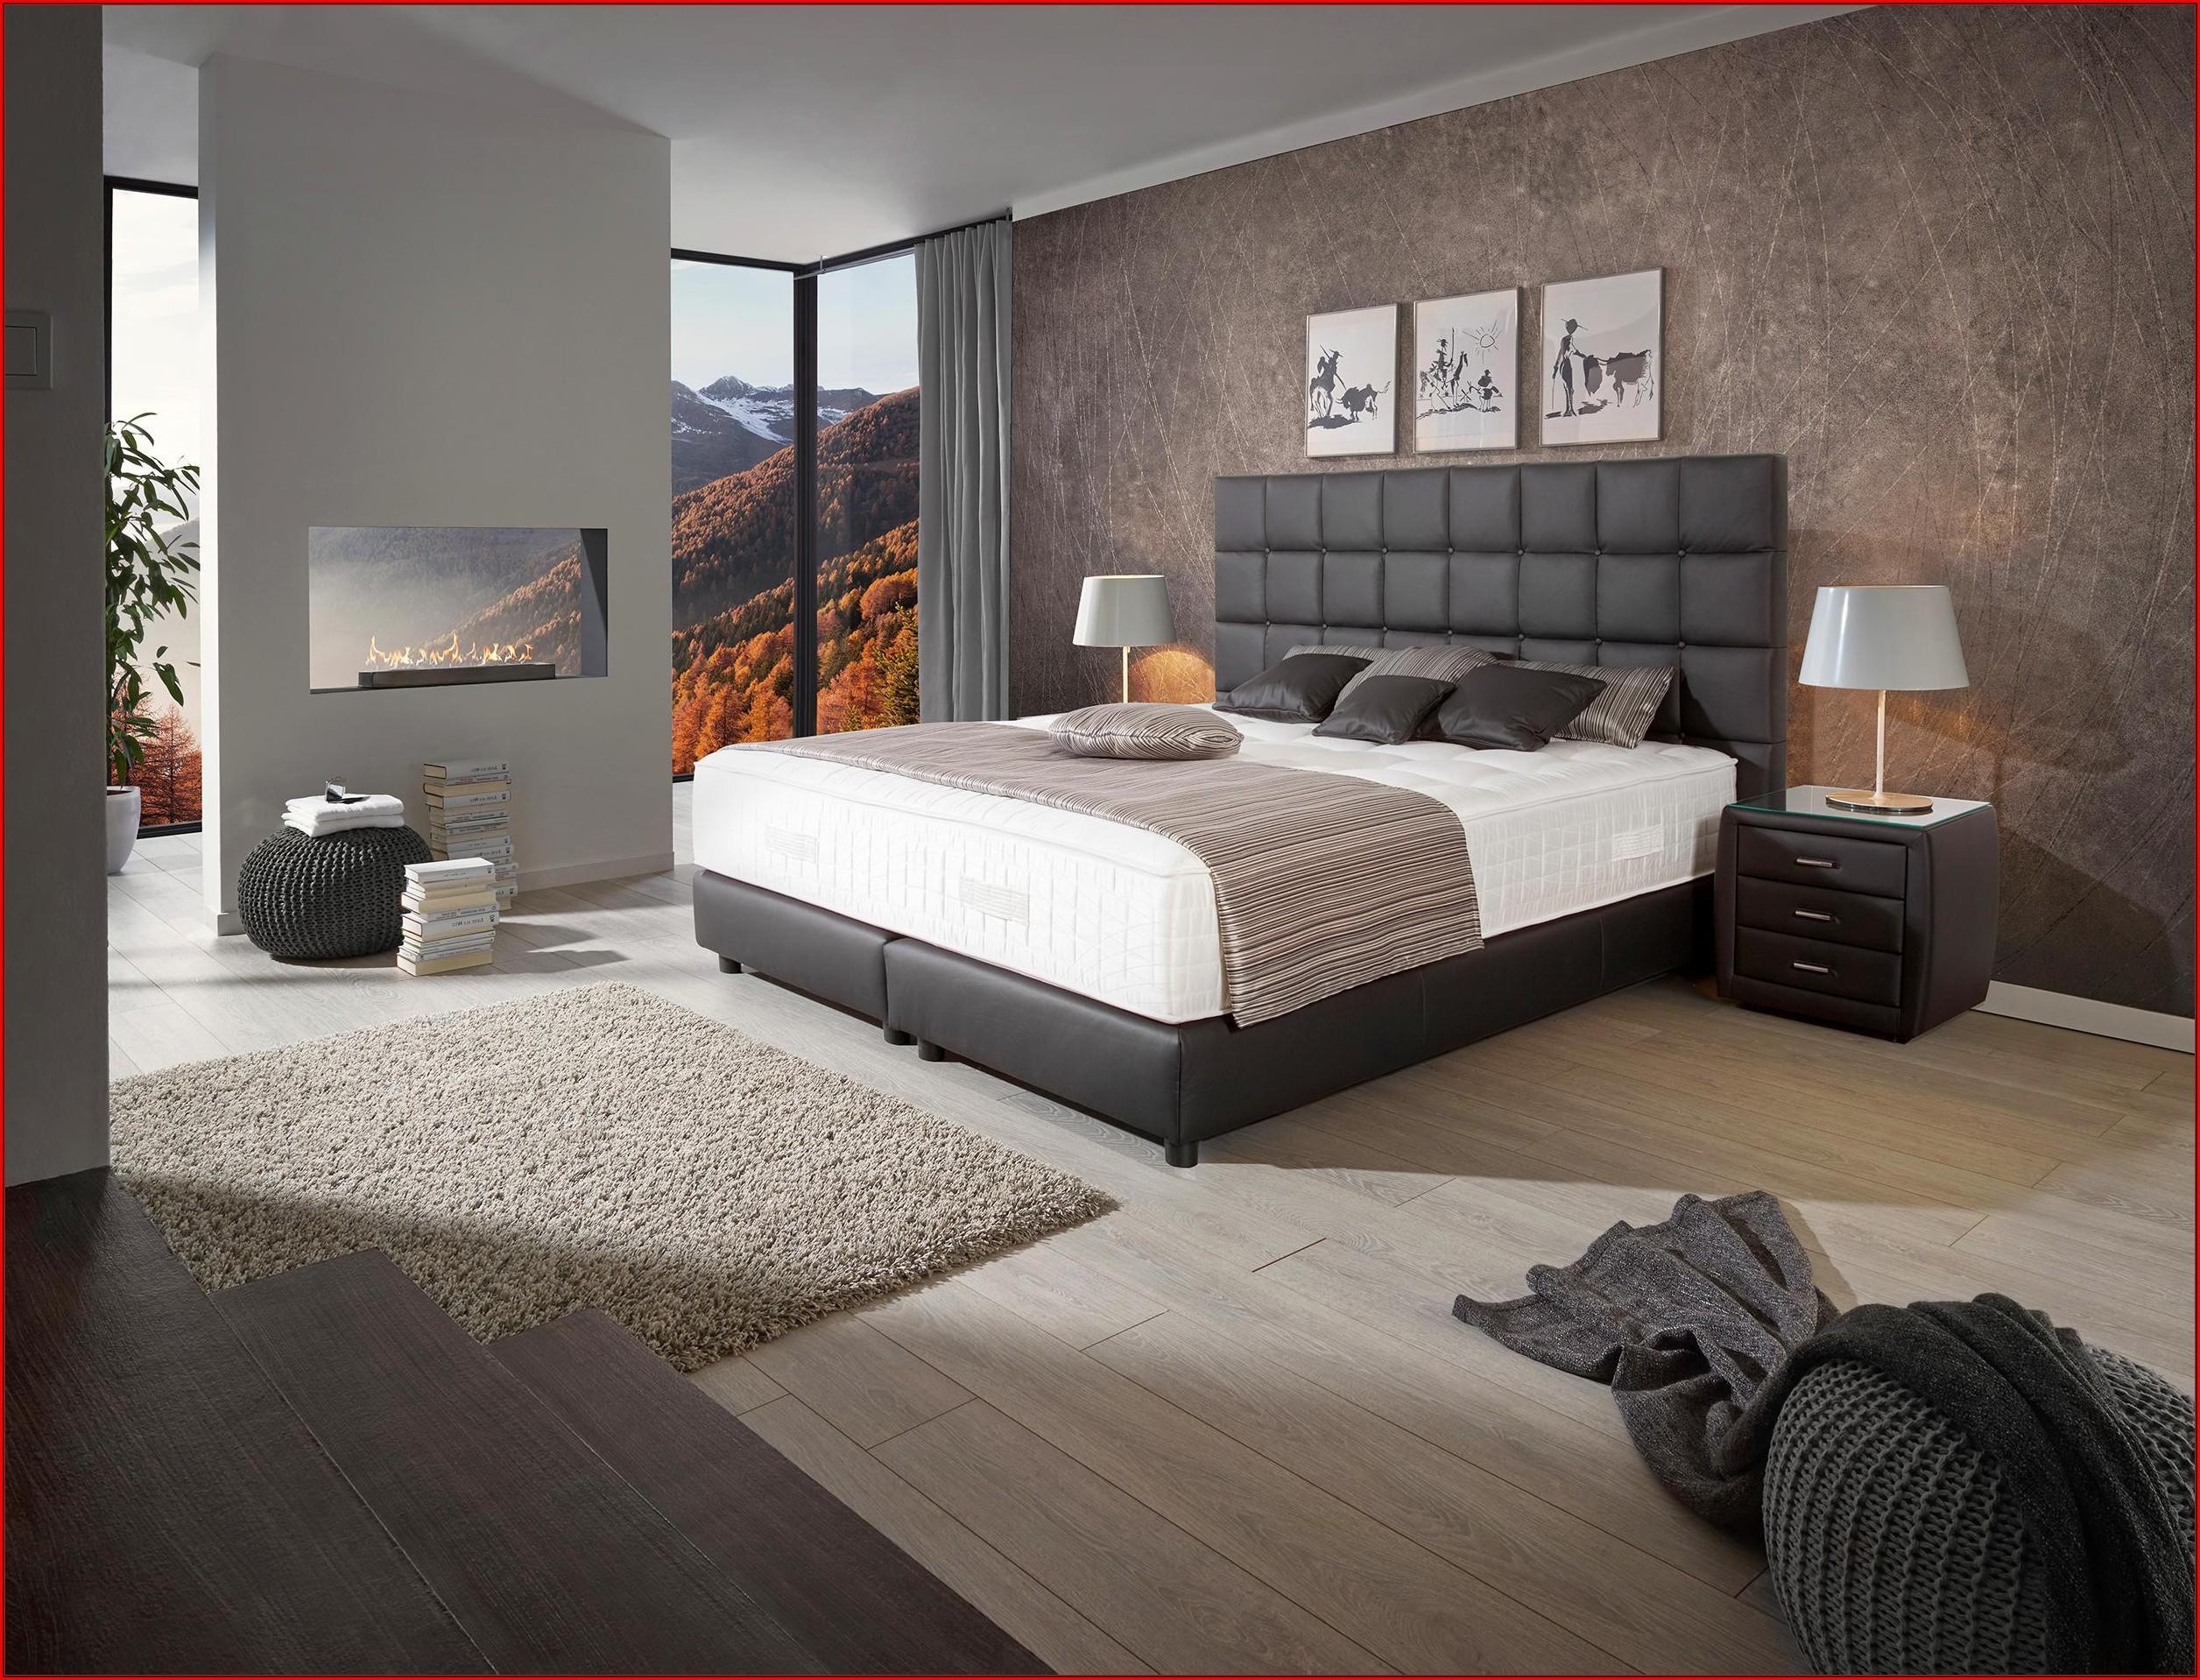 Ideen Für Schlafzimmer Raumgestaltung